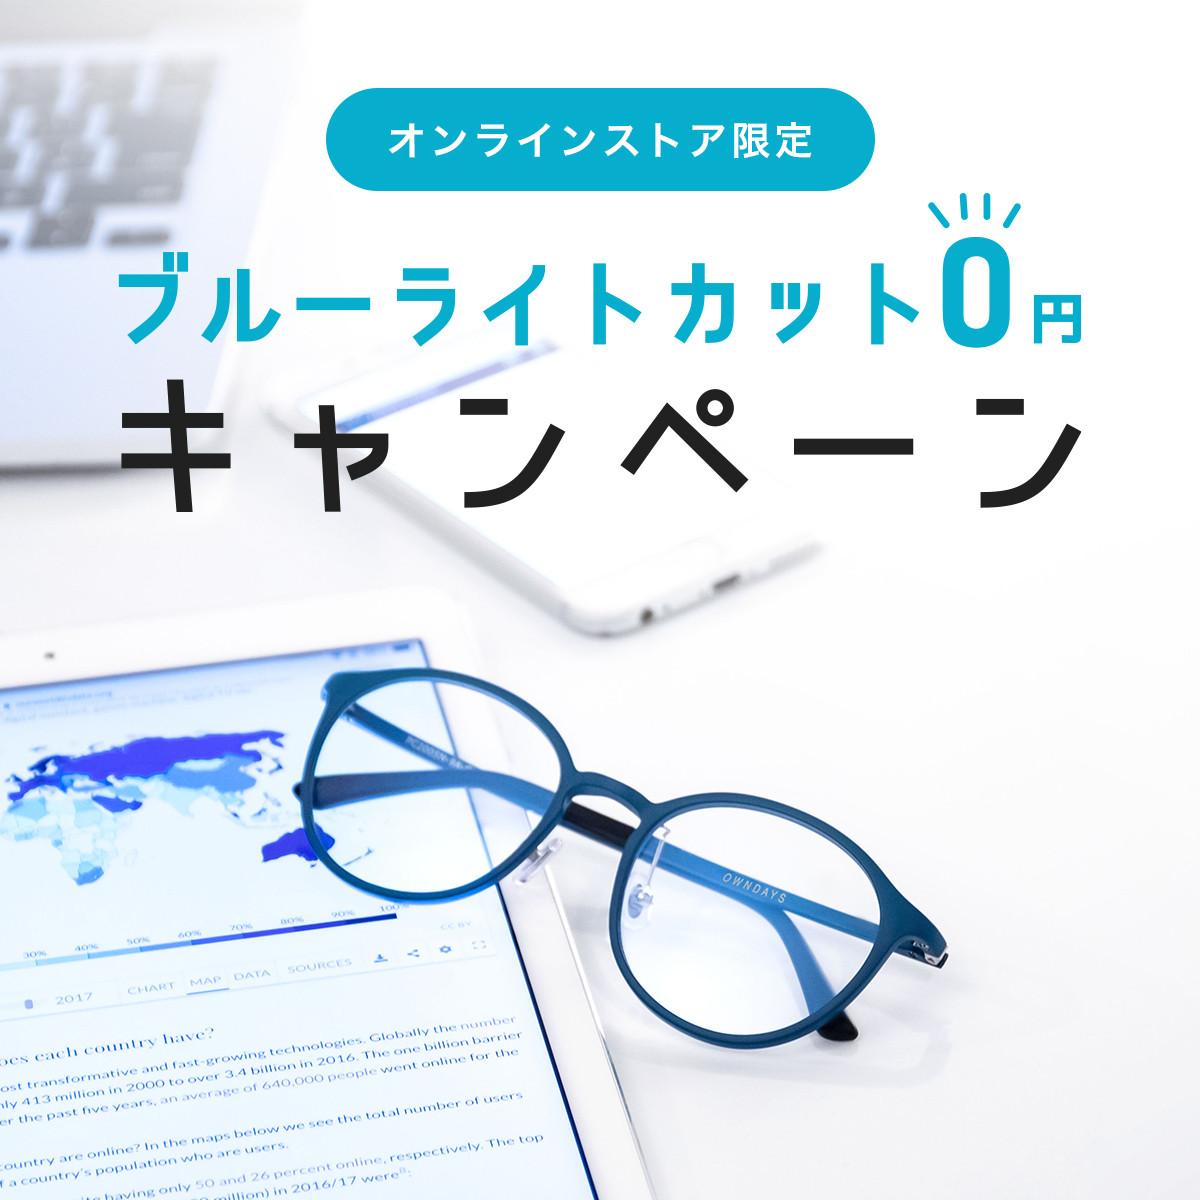 [オンラインストア限定]<br>ブルーライトカットレンズ0円キャンペーン